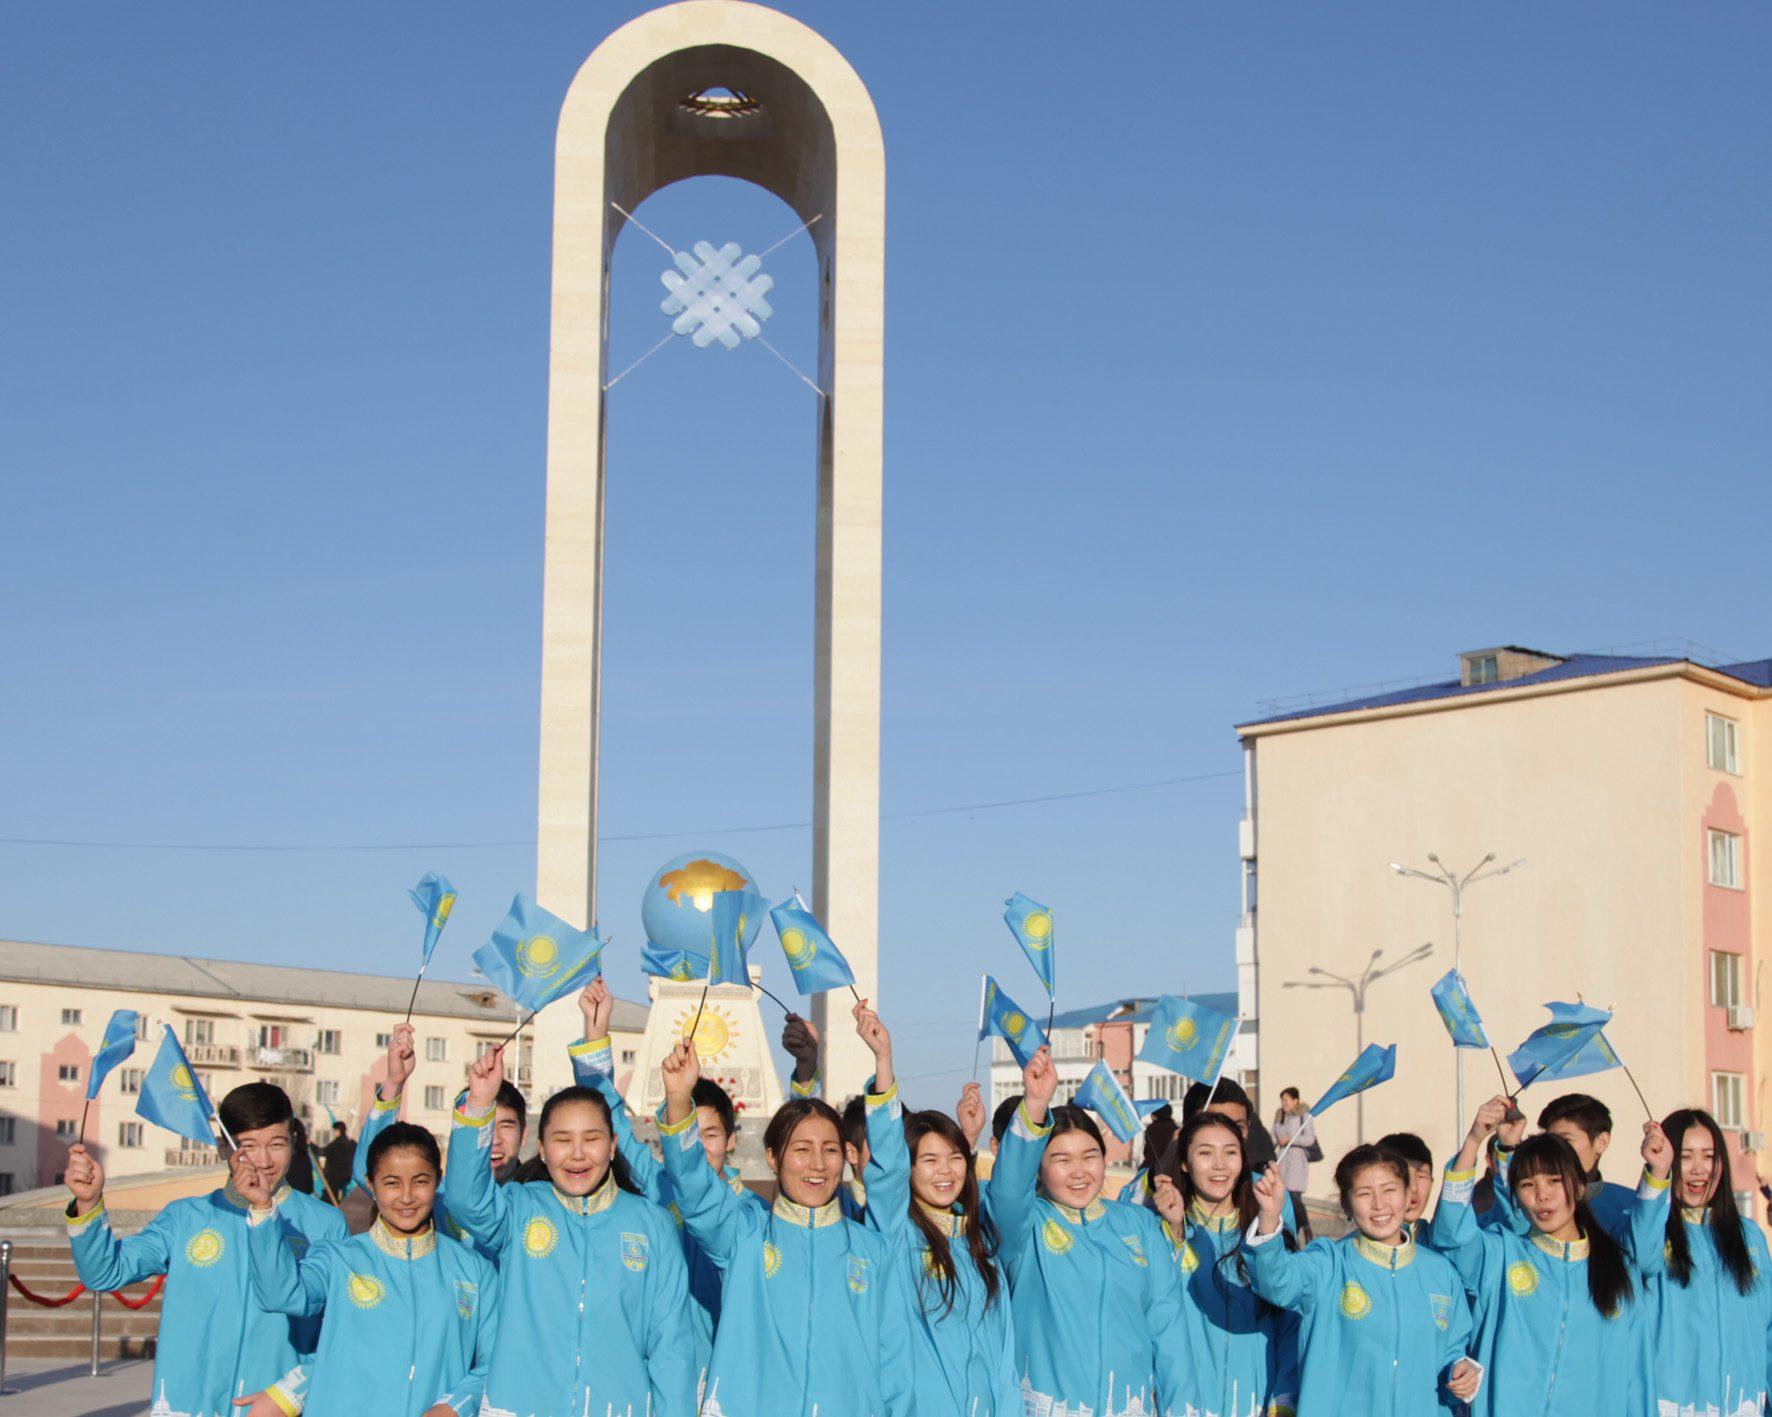 ҚР Тәуесіздігінің 25 жылдығына арналған монумент Тараз